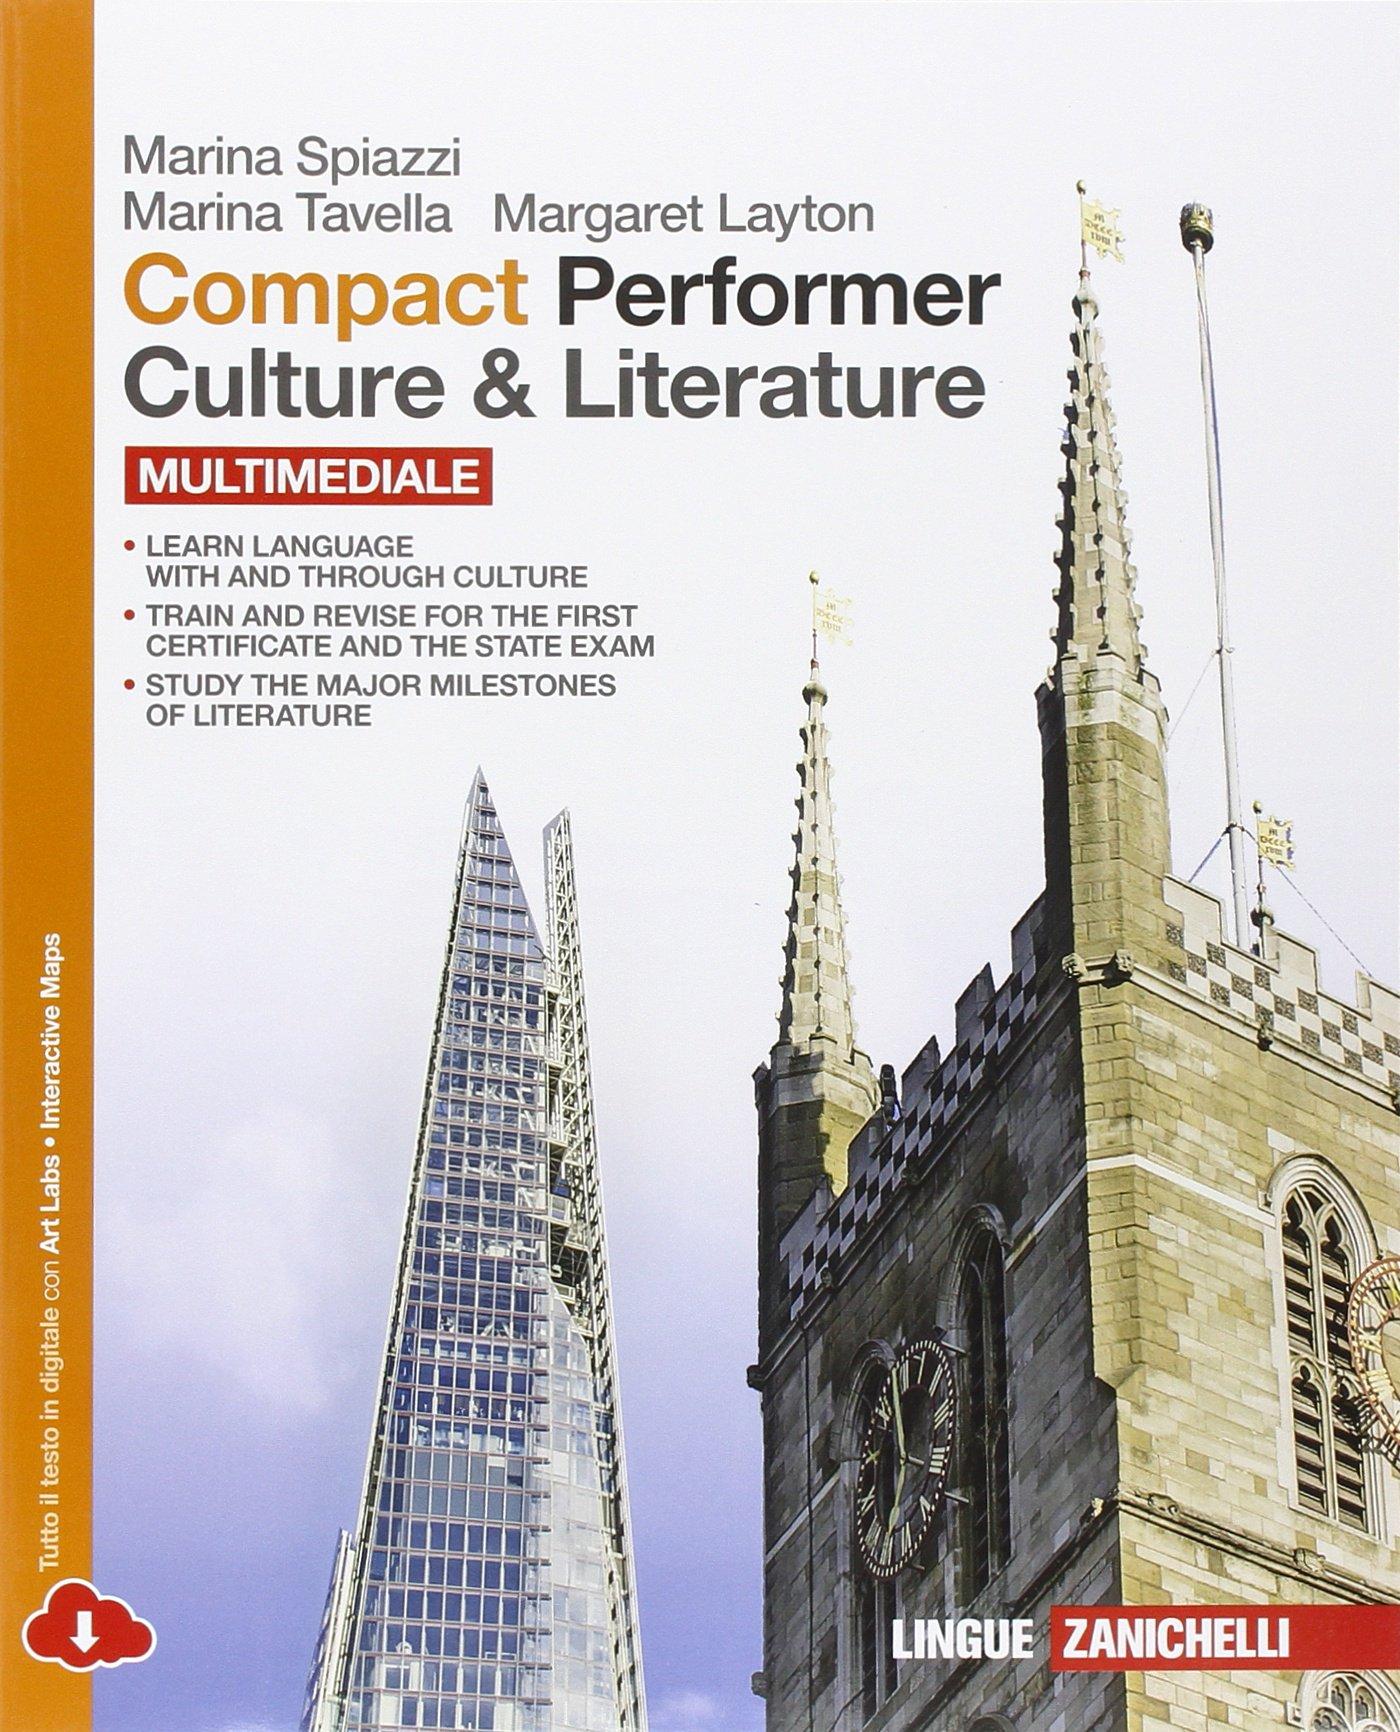 Compact Performer – Culture & Literature – Multimediale, libro di inglese per la scuola superiore